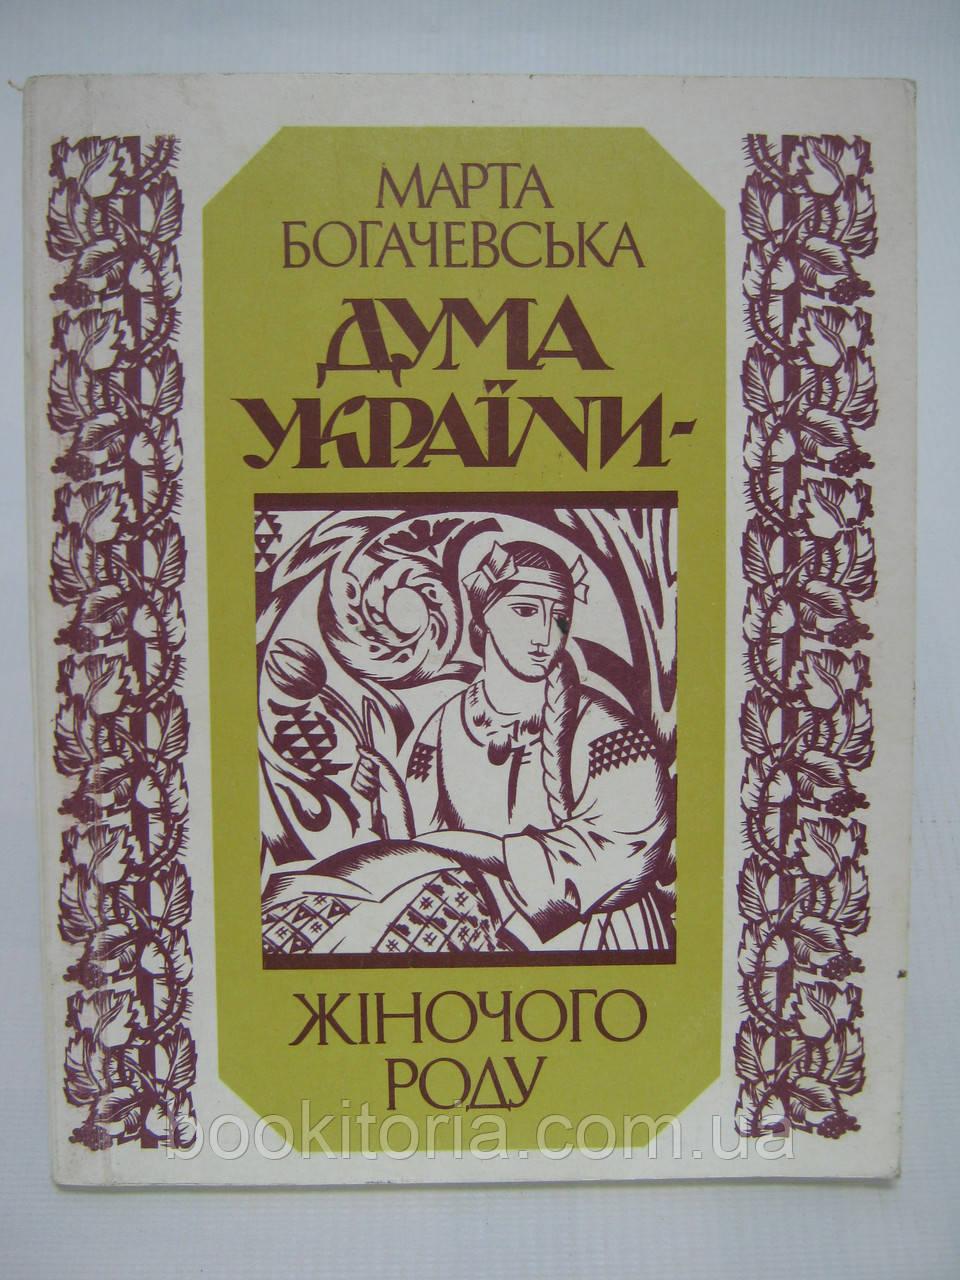 Богачевська М. Дума України – жіночого роду (б/у).